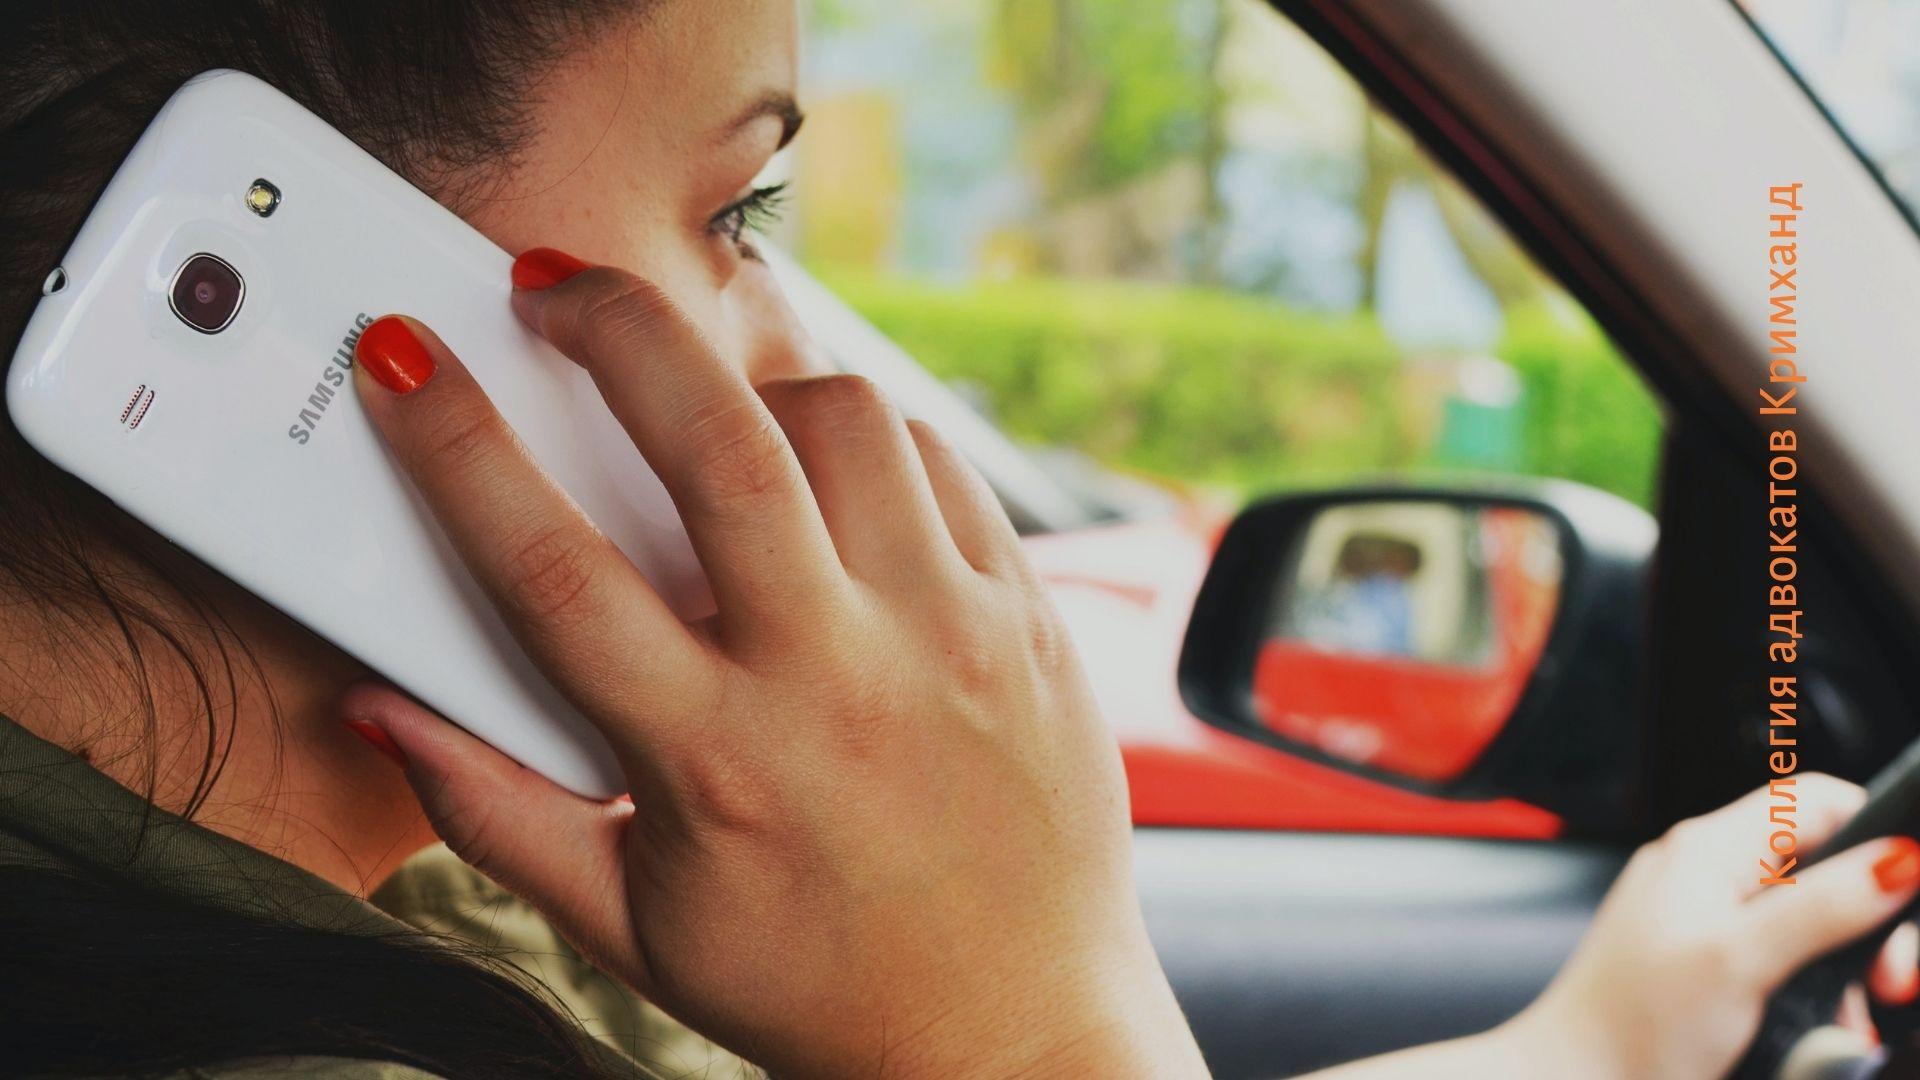 Штраф за мобильный телефон между ухом и плечом во время вождения [Решение суда]